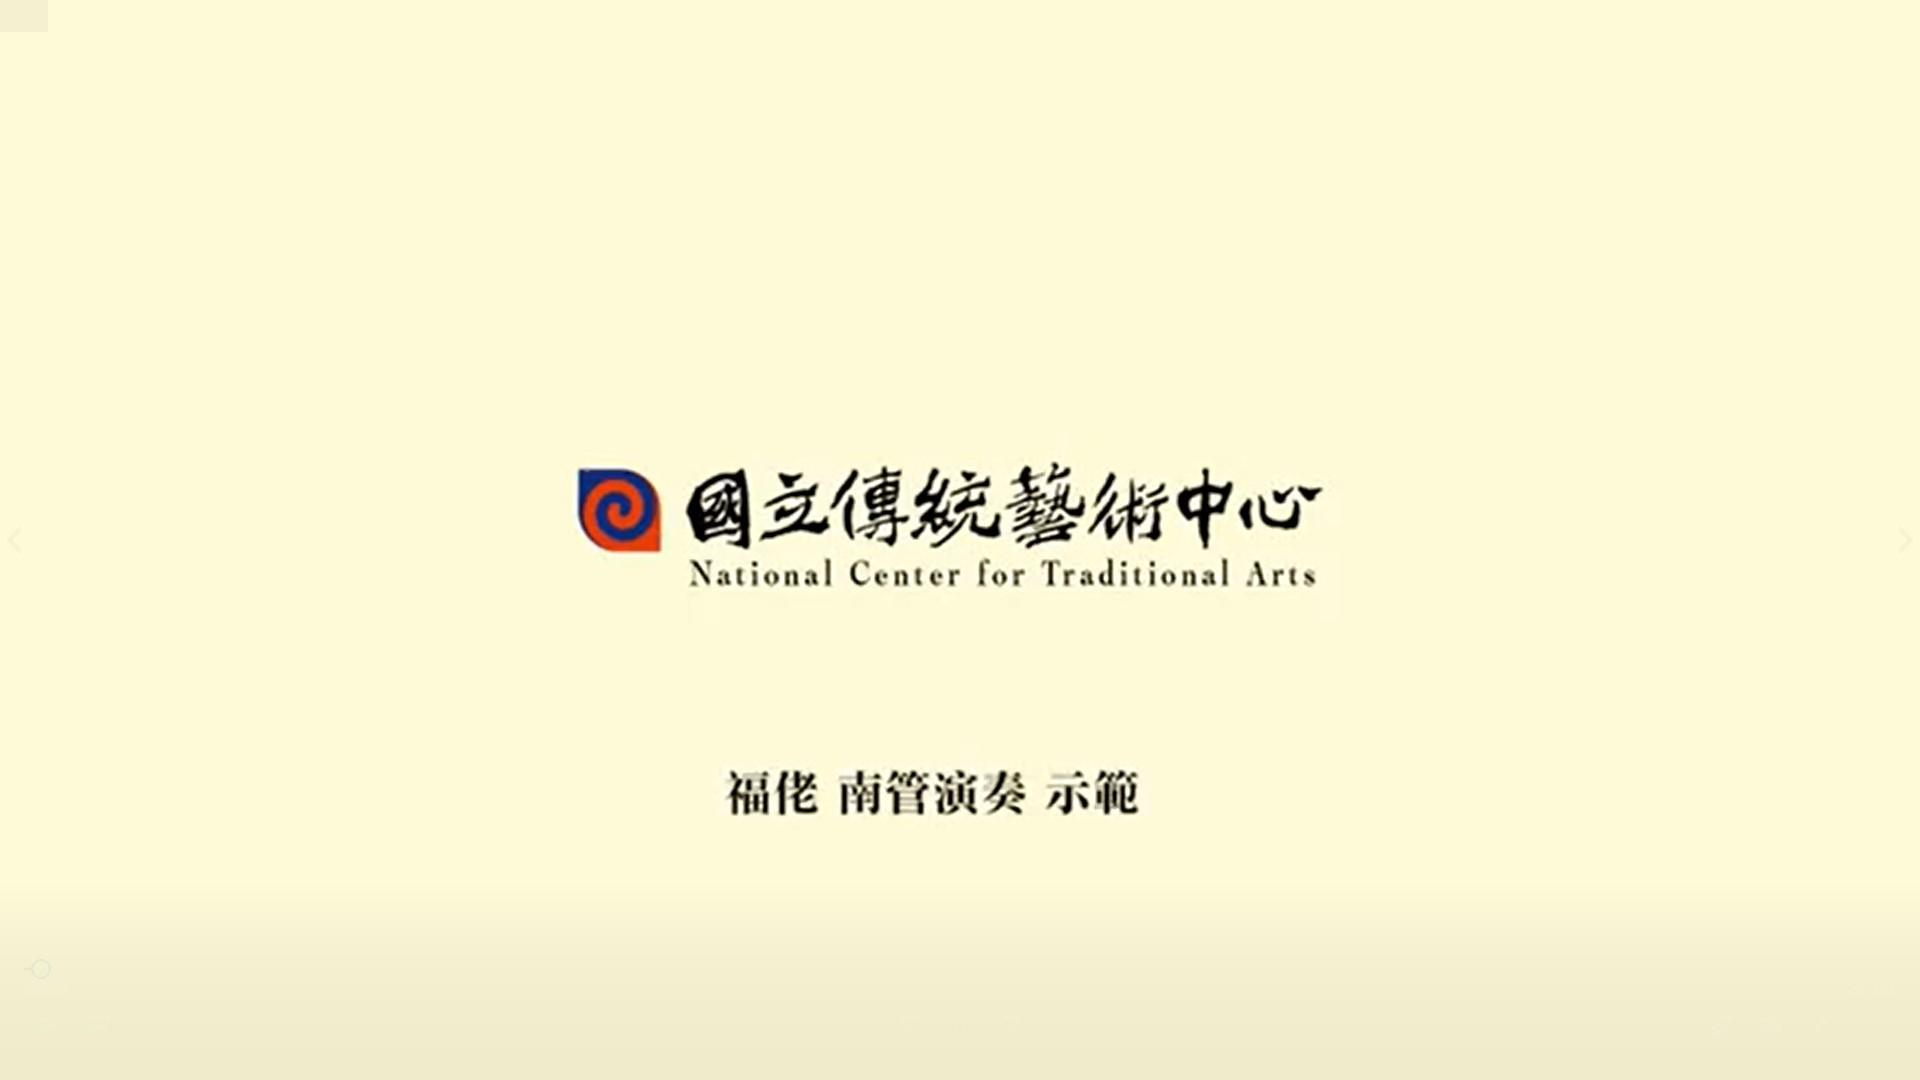 「亞太樂器常設展」樂器介紹-南管洞簫、琵琶